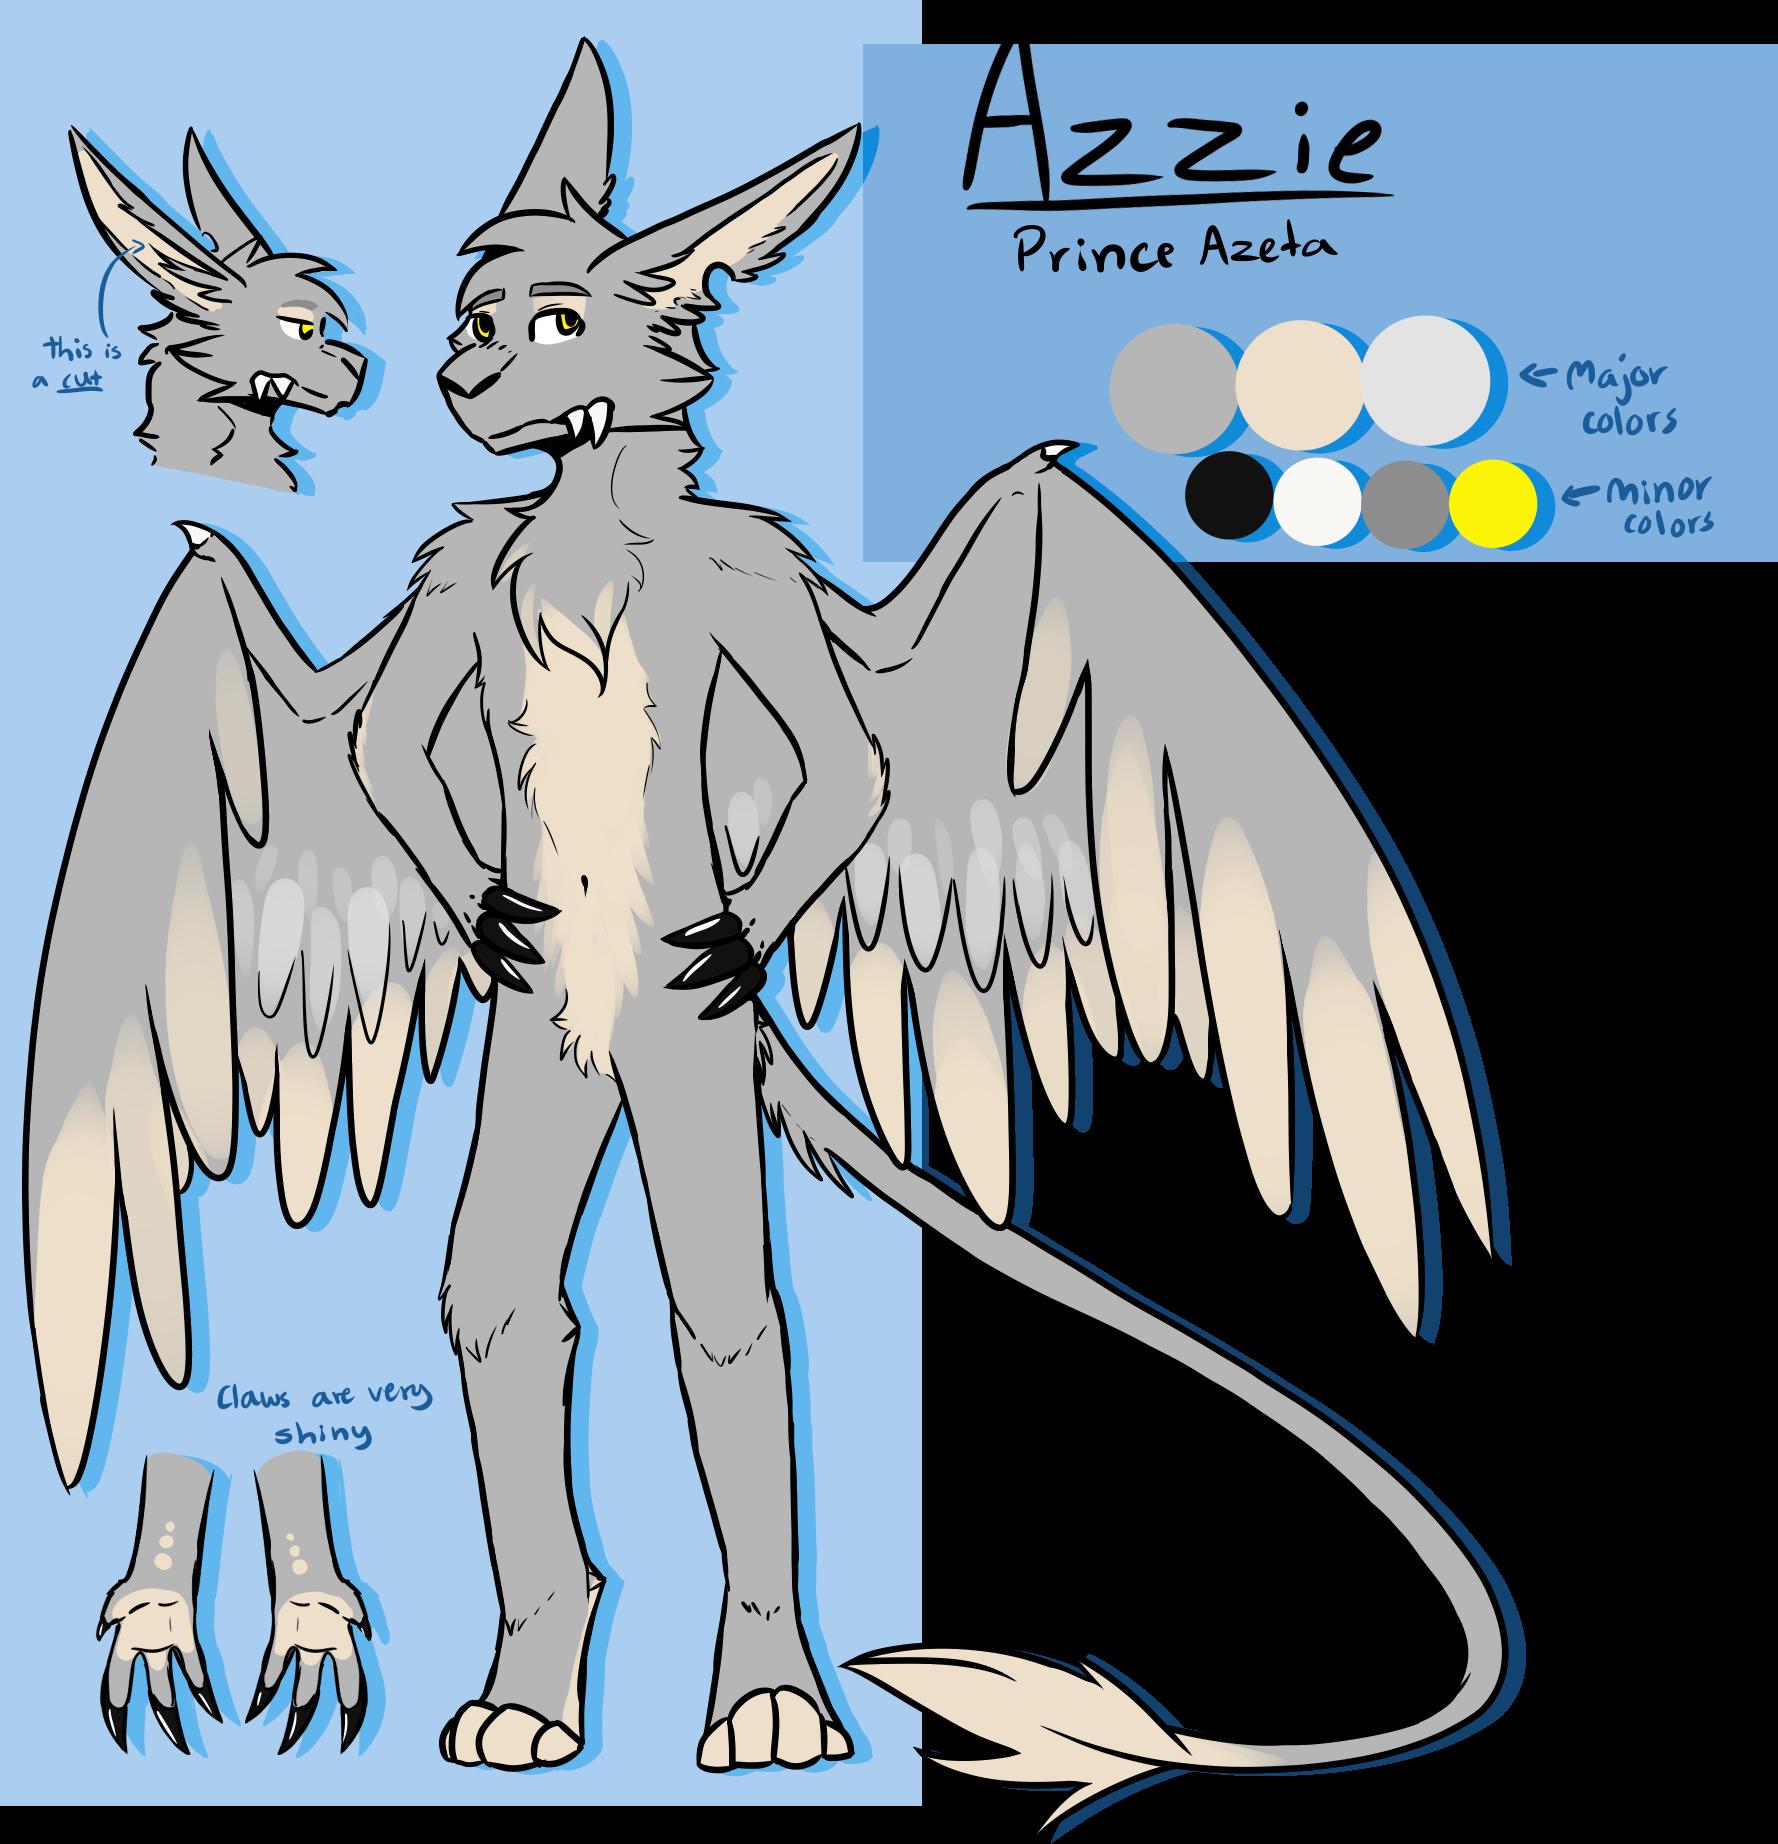 azzie_ref_2_0_by_sparkling_jade-dbn06t7.